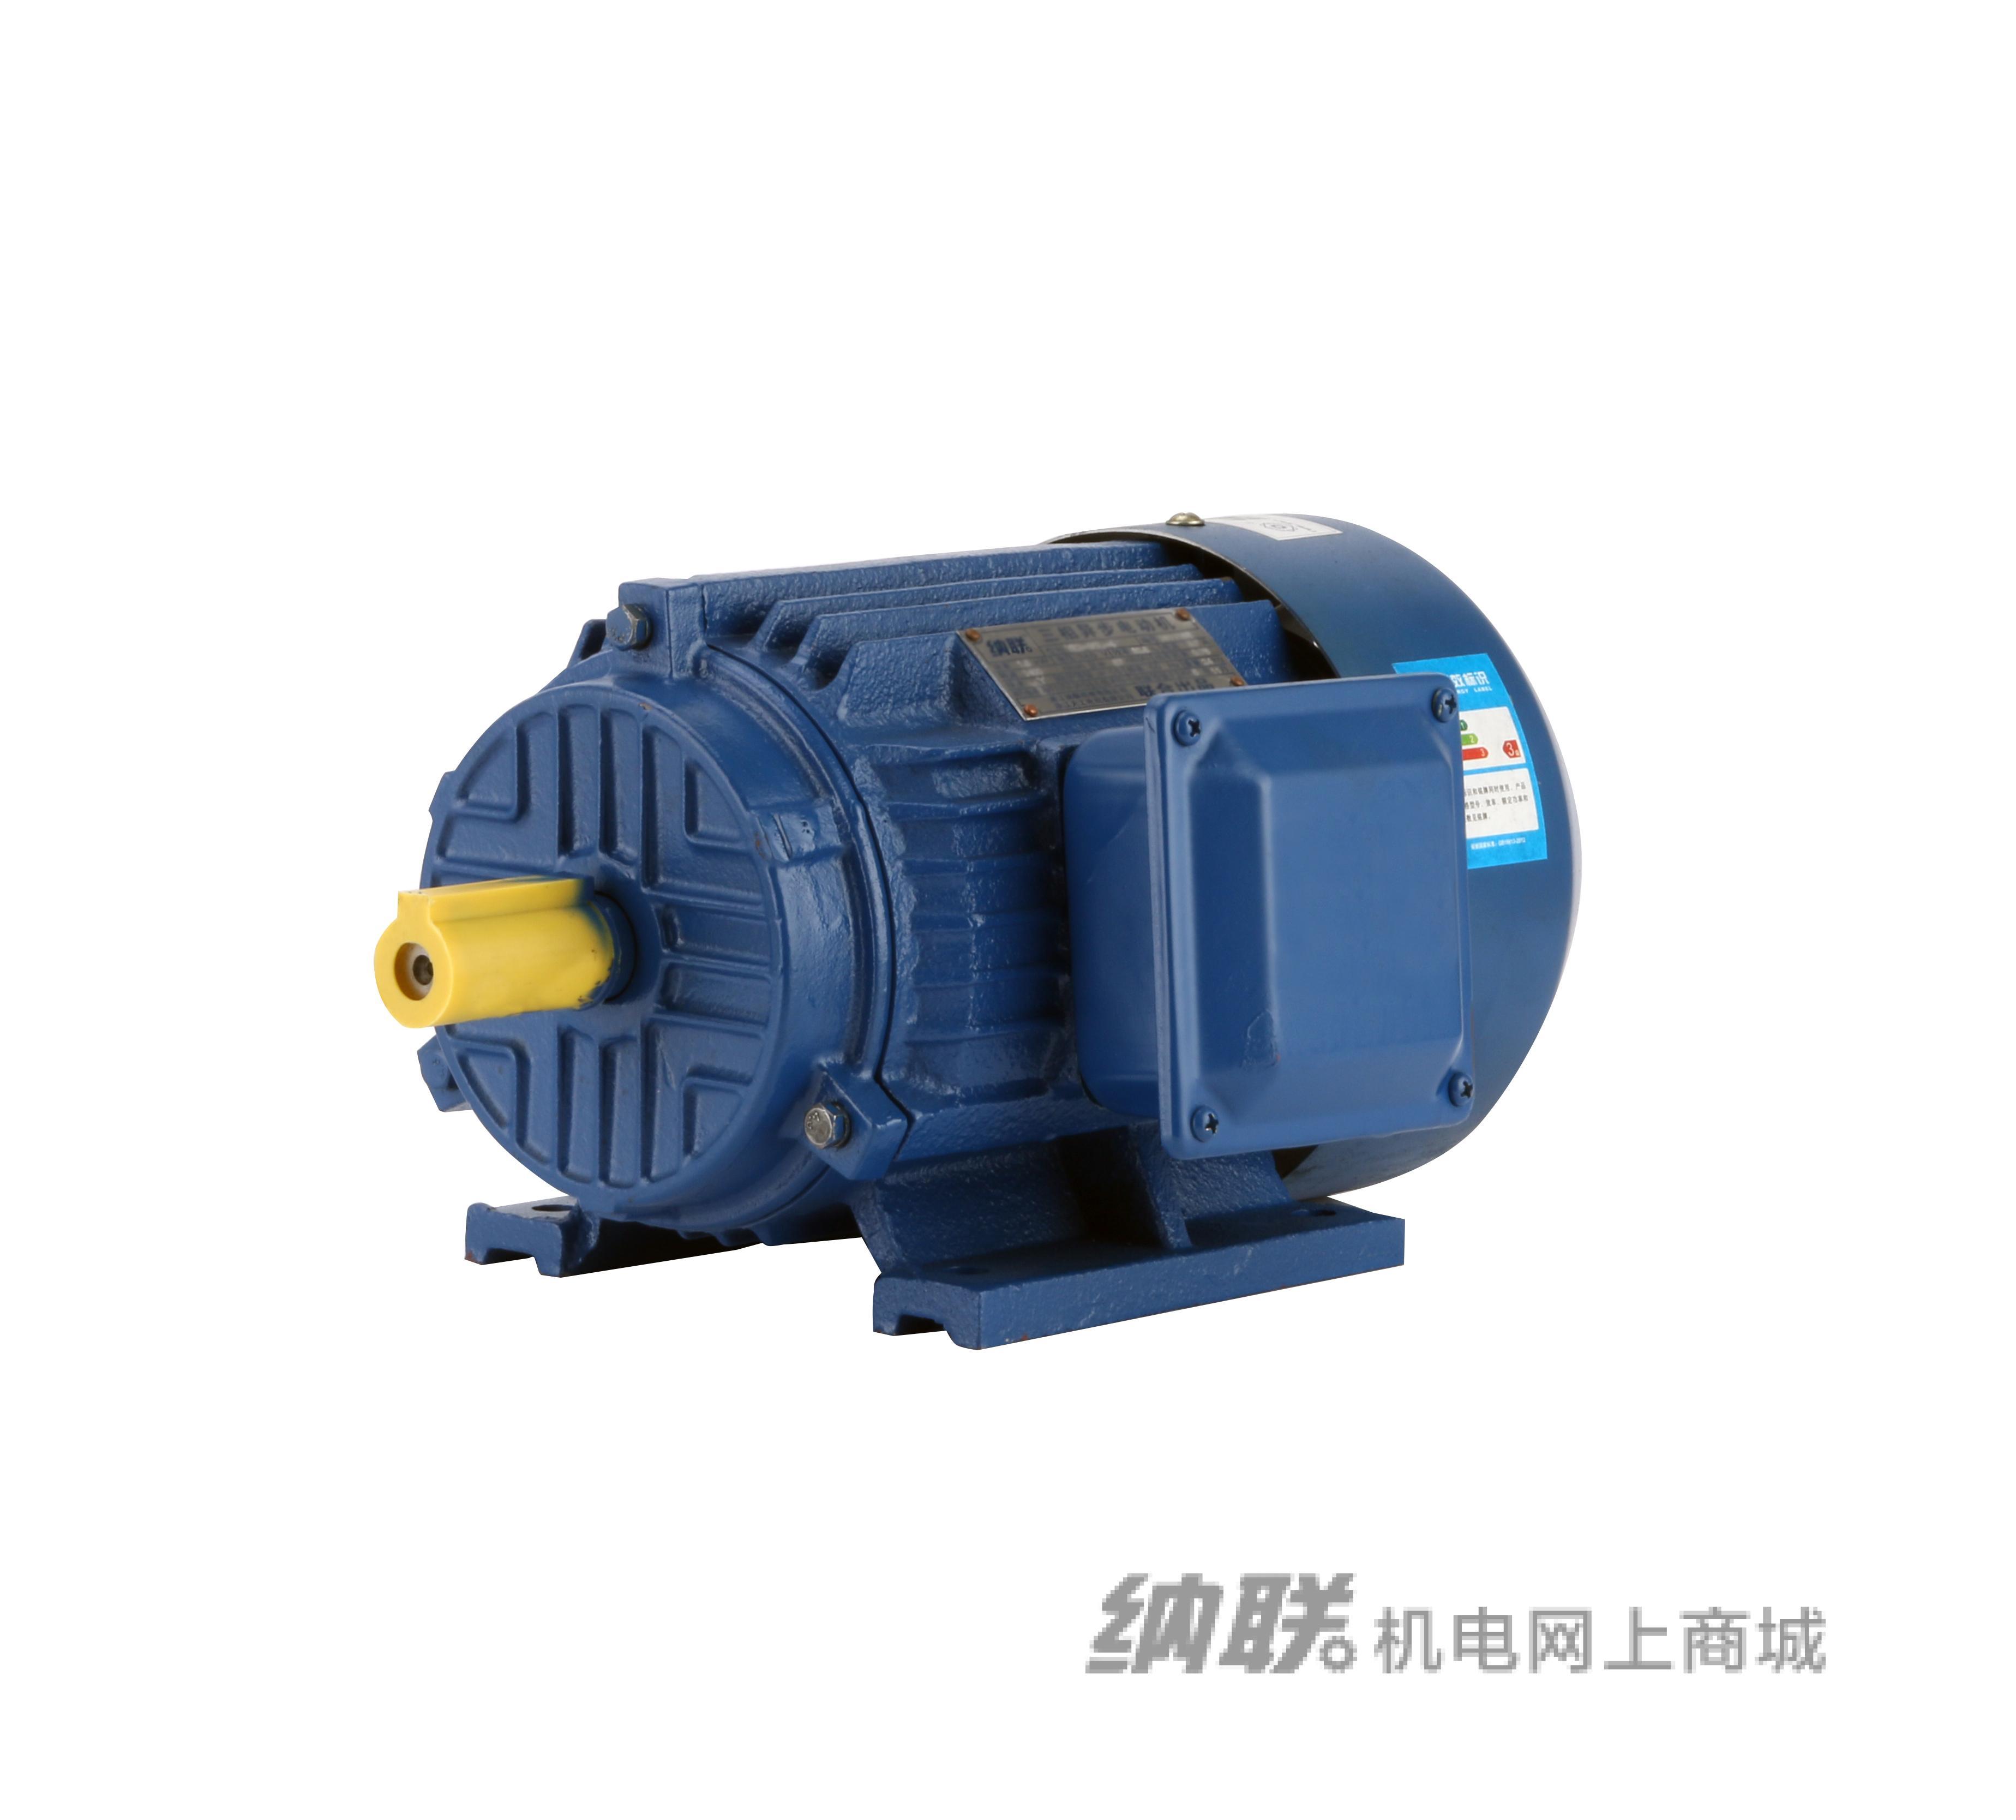 纳联机电 YE2系列电机-YE2-132M1-6/4kw反装